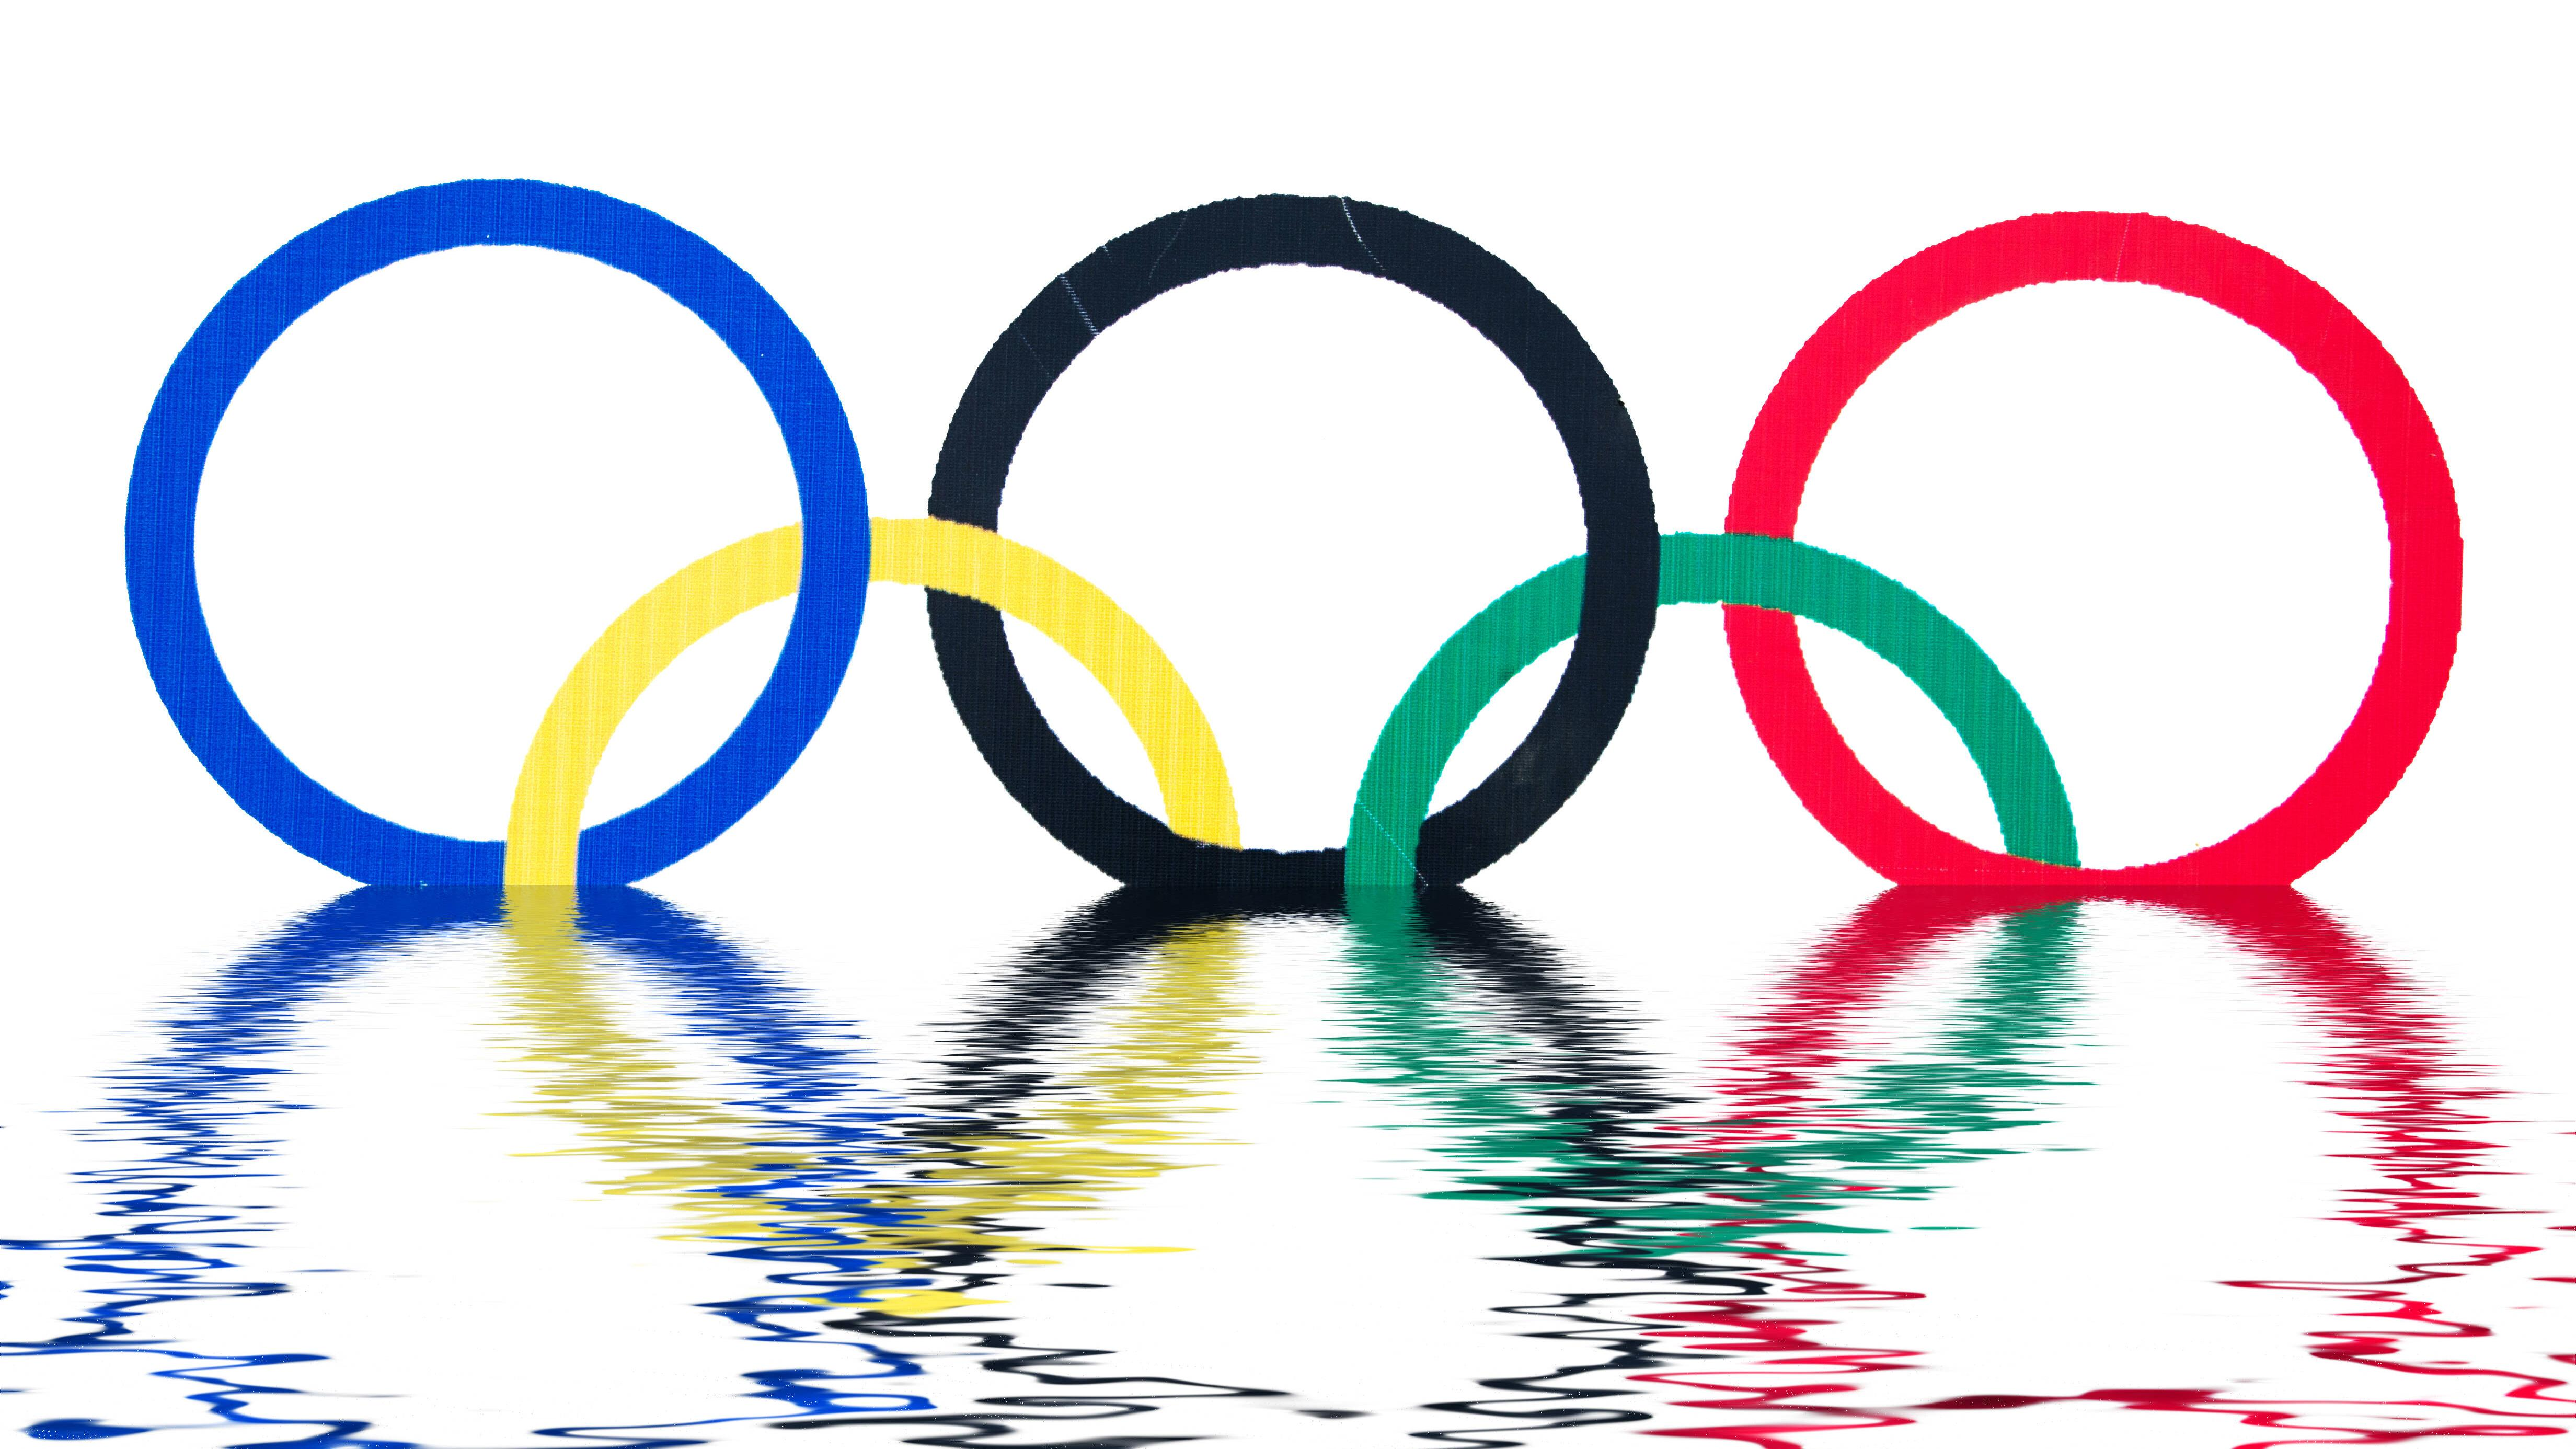 Siegerehrung bei den olympischen Spielen: So läuft sie ab